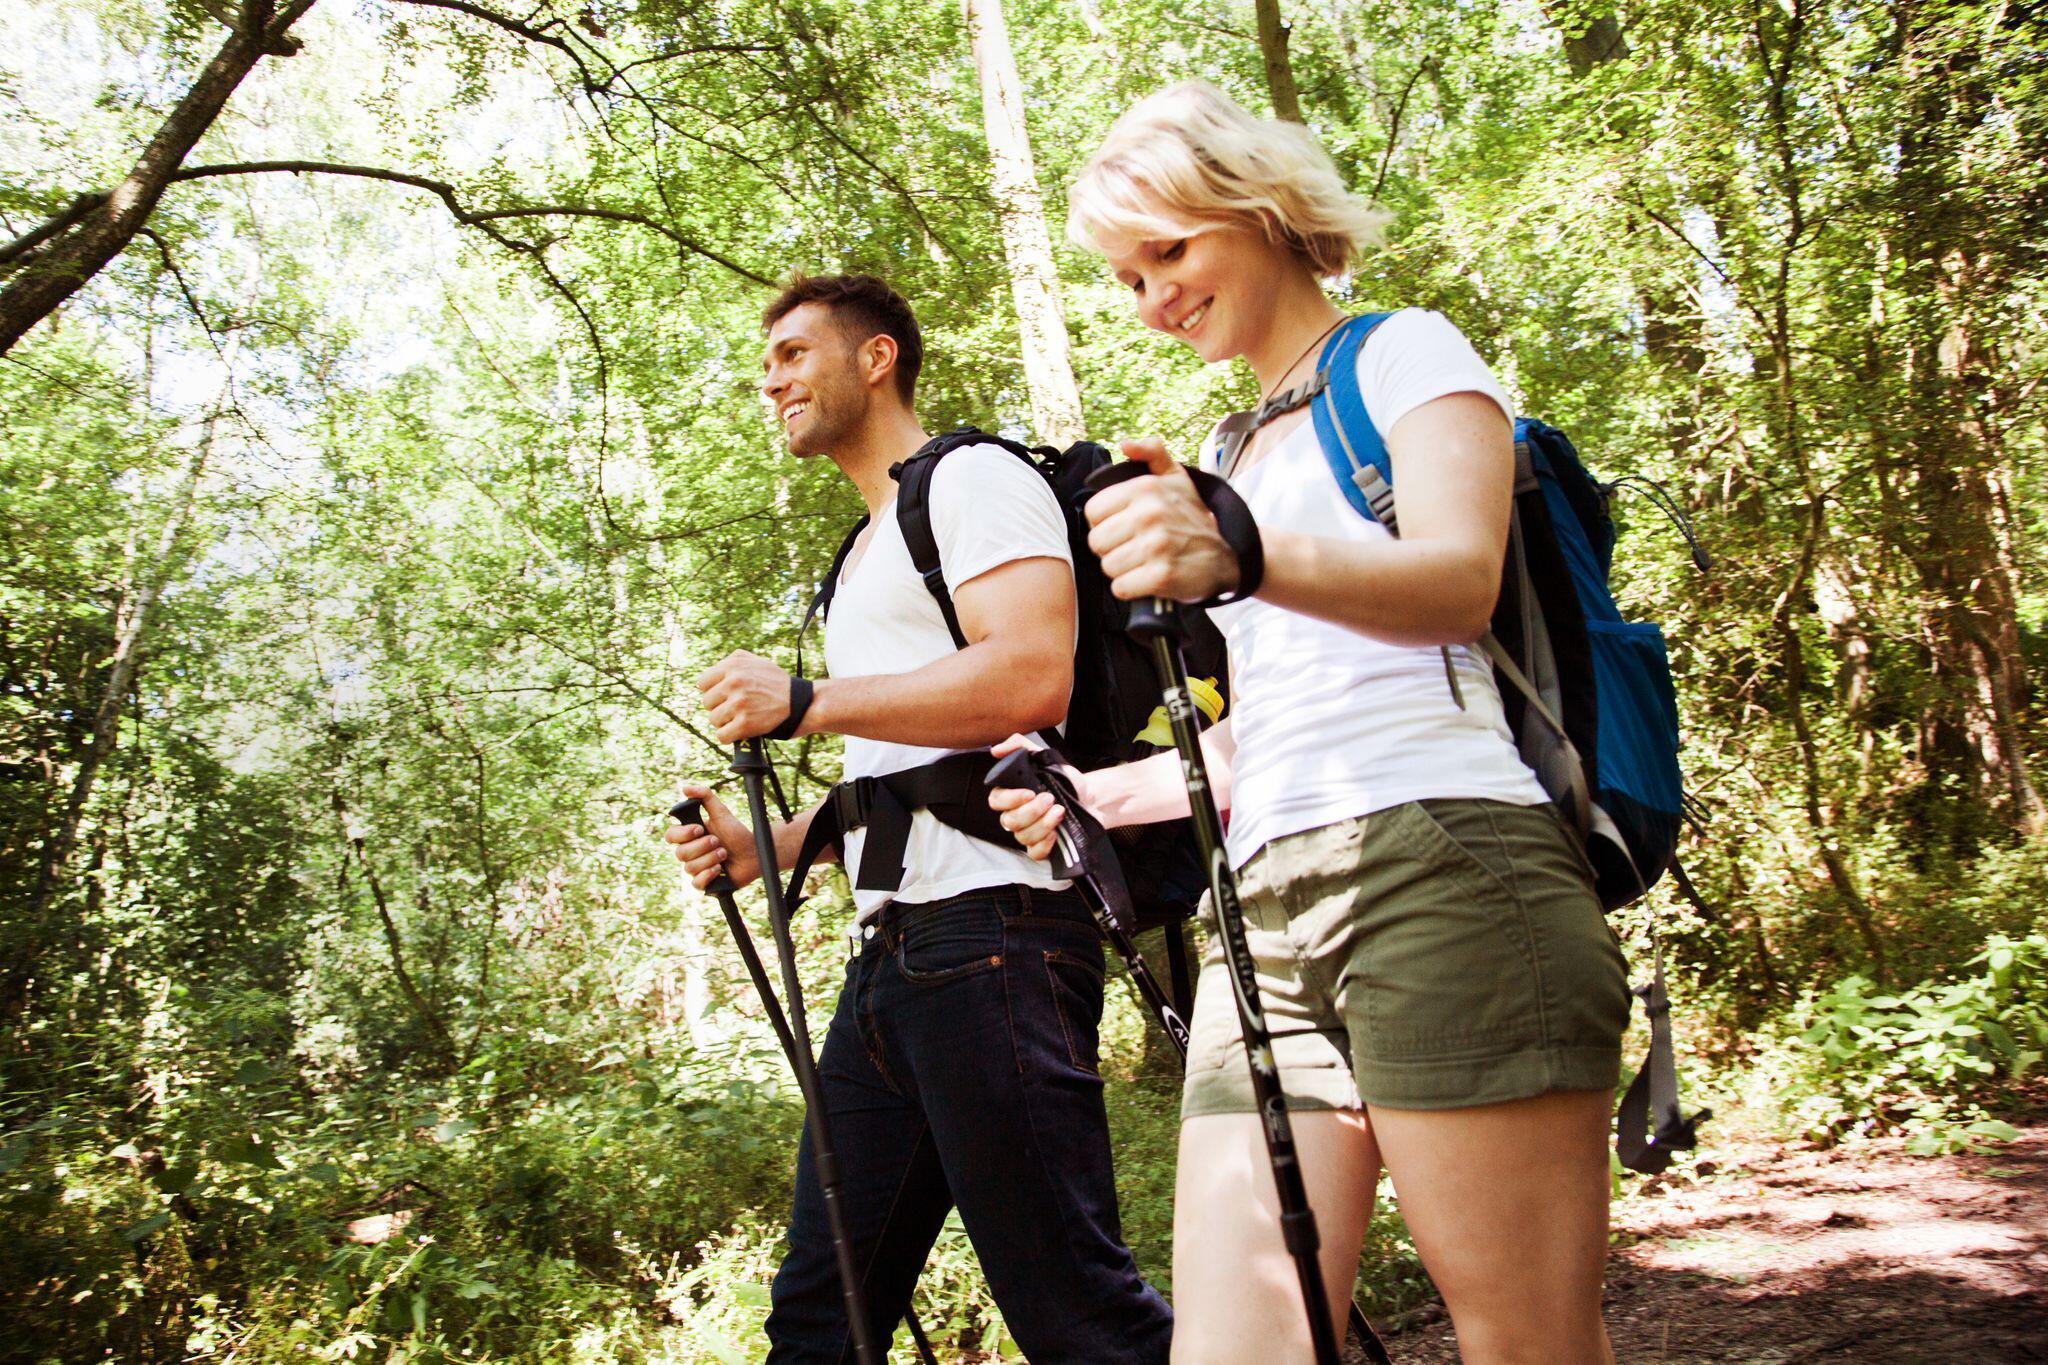 Bild zu Auf unbekannten Pfaden:Tipps für Wanderer inCorona-Zeiten